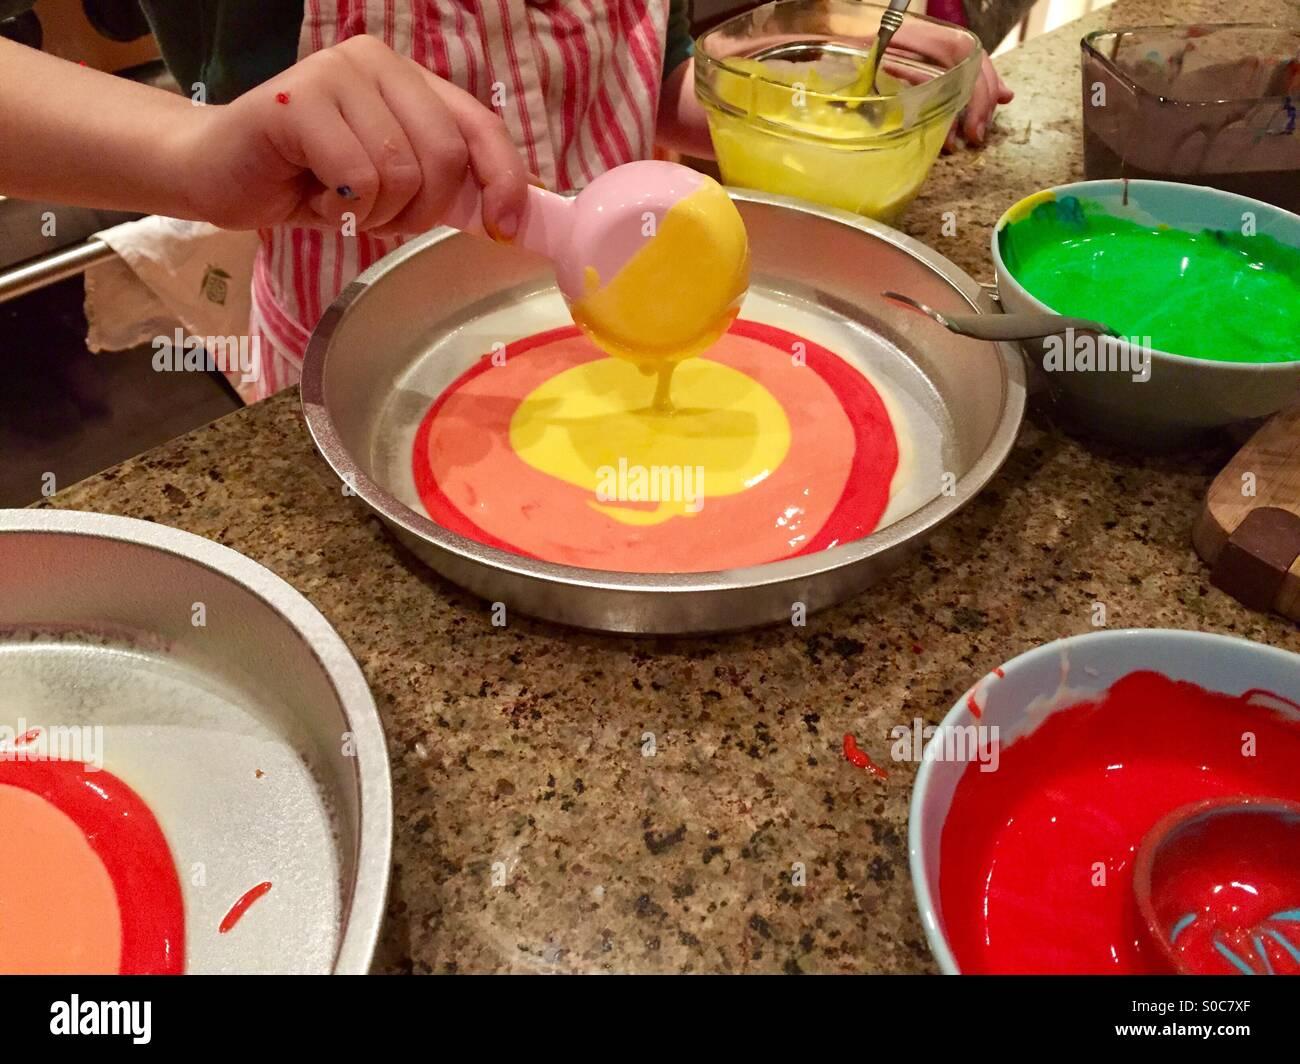 Ein Kind gießt bunten gelben Kuchenteig in eine Kuchenform auf einen unordentlichen Küchentisch. Stockbild